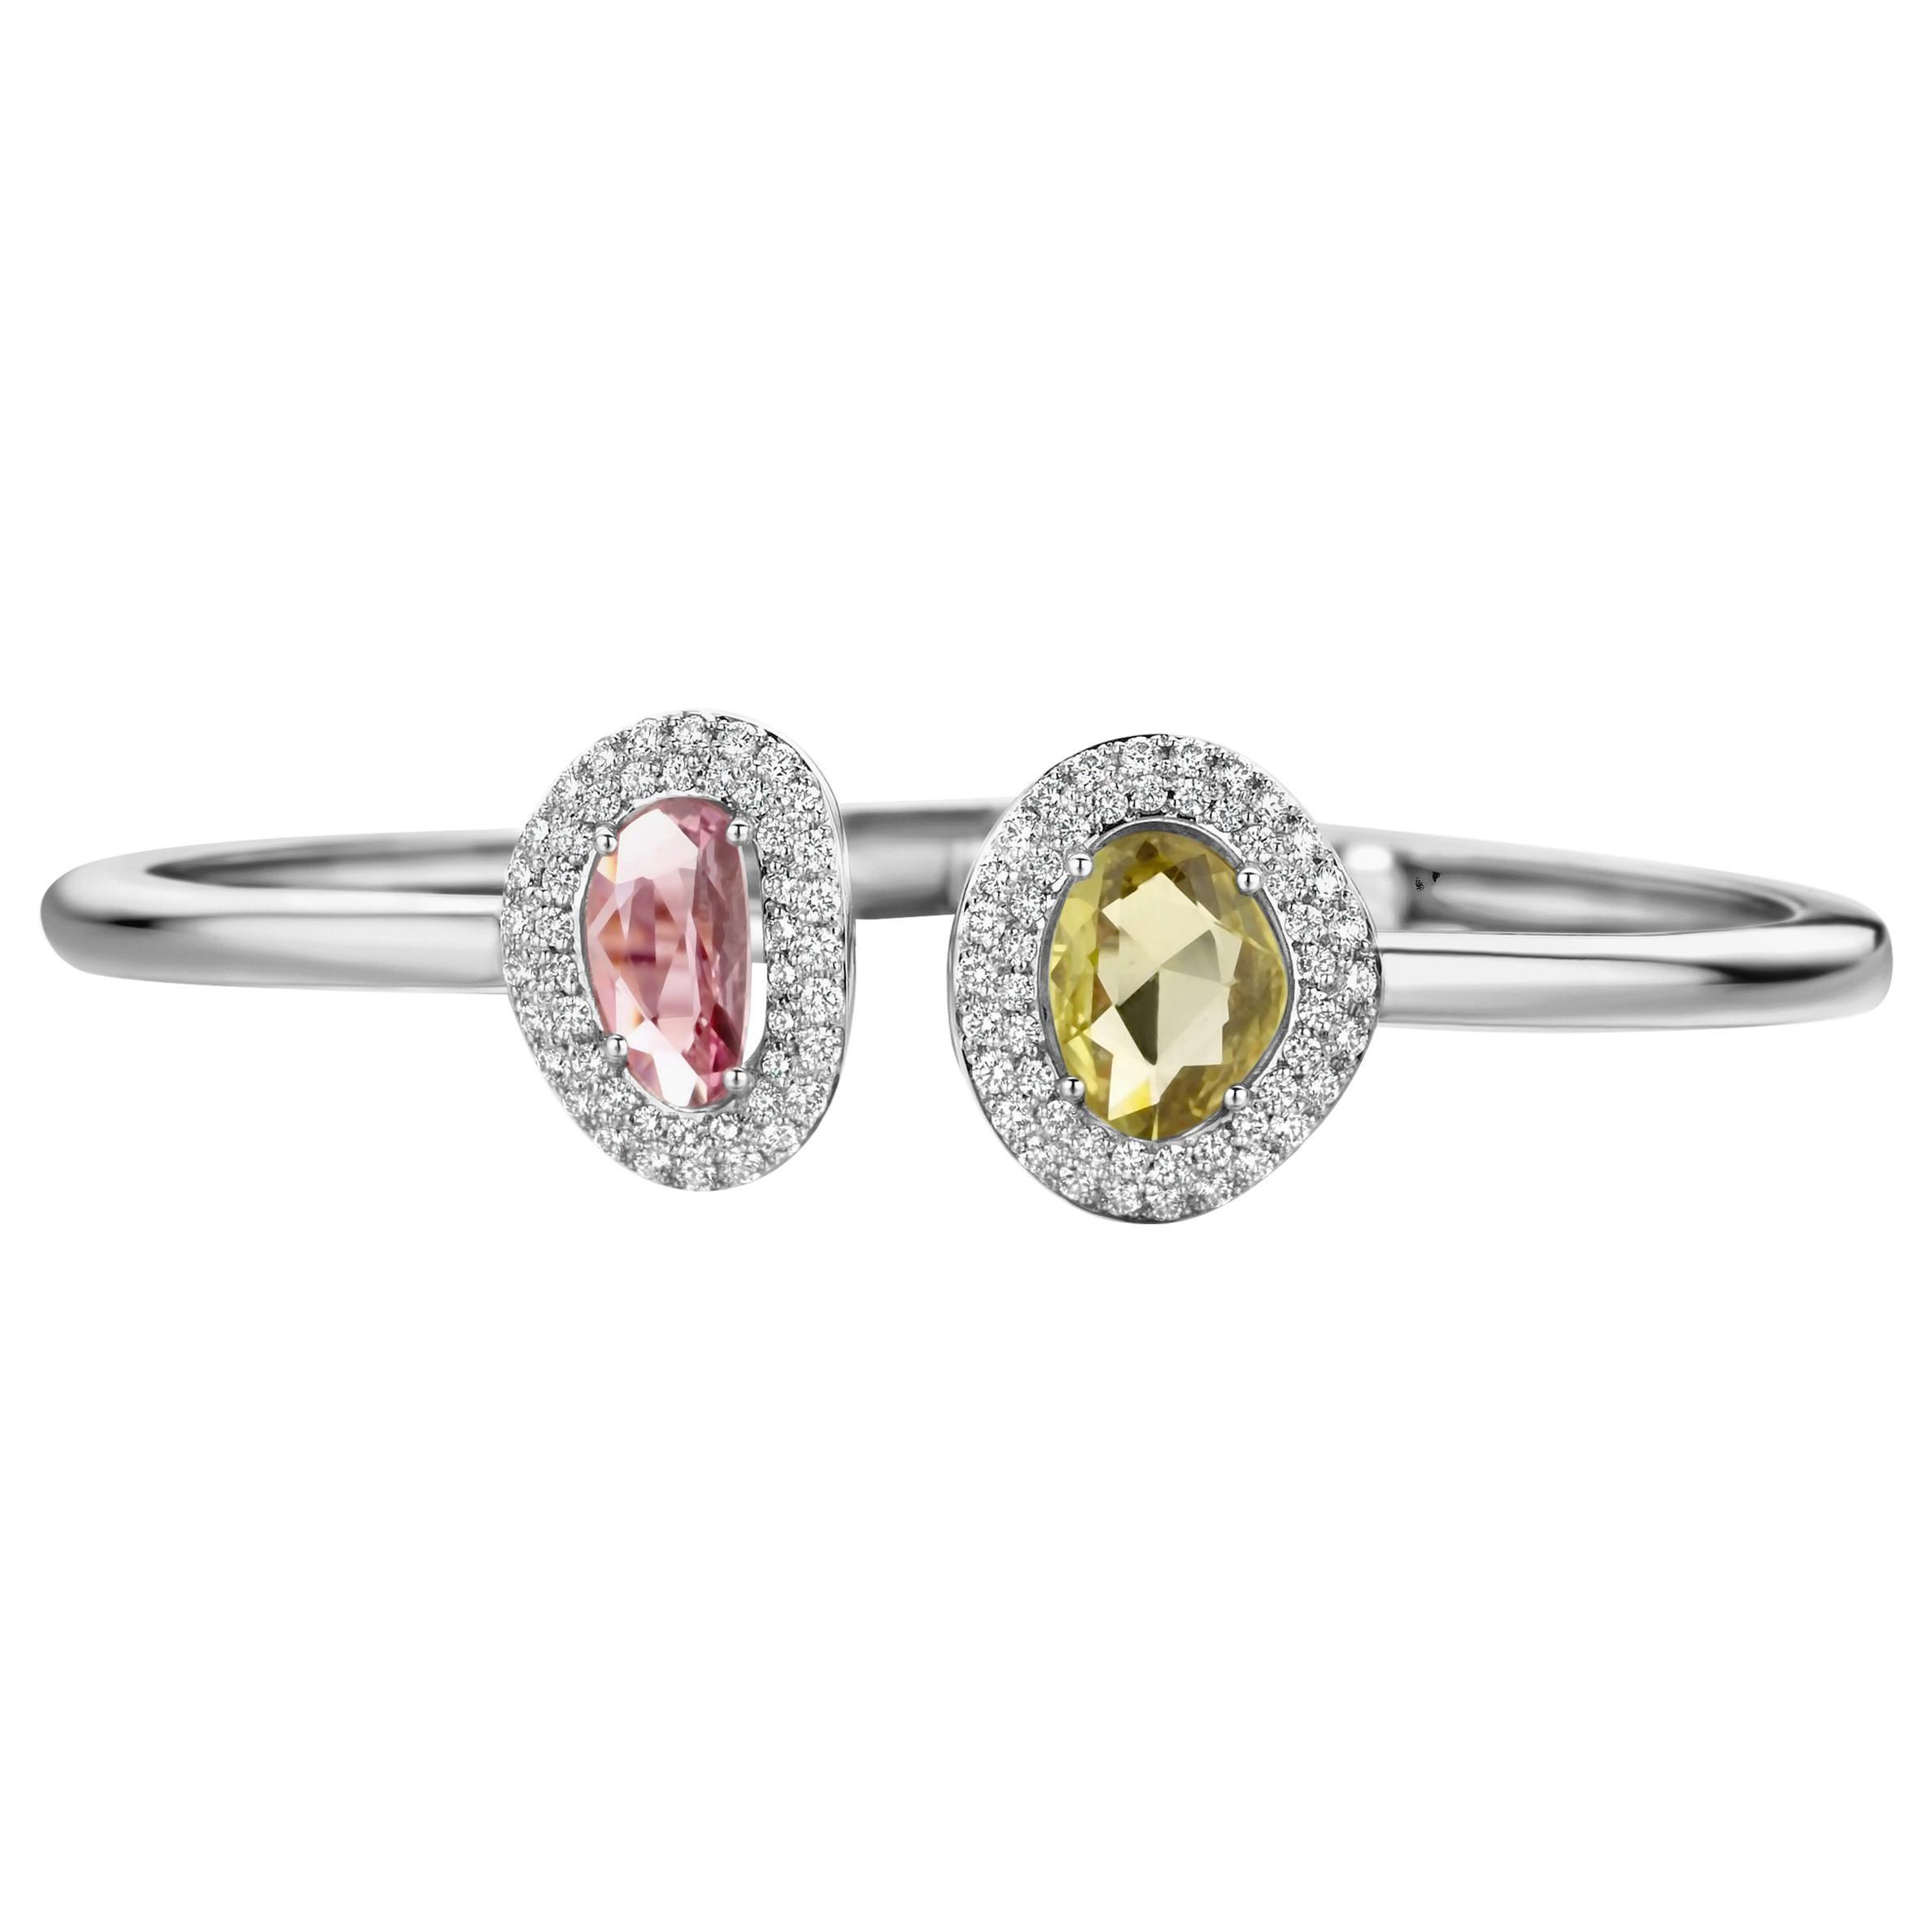 2.73 Carat Pink and Yellow Sapphire 18 Karat Two-Stone Diamond Bangle